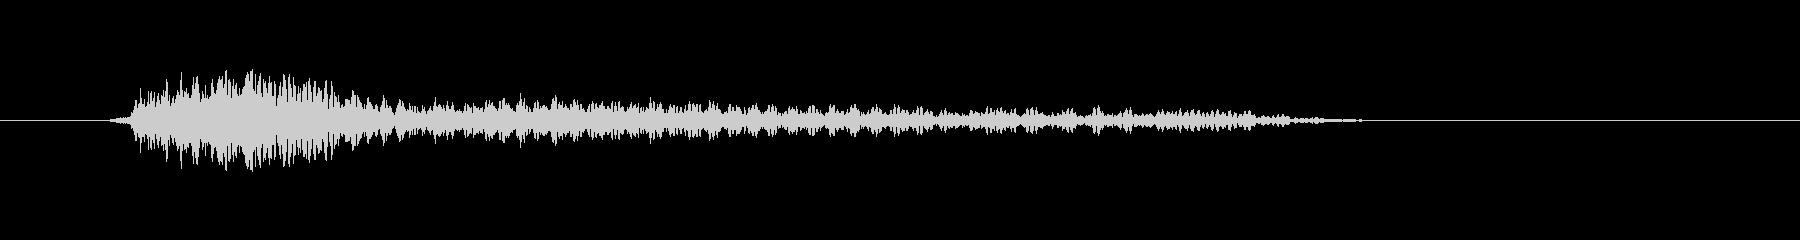 【モンスター02-08】の未再生の波形